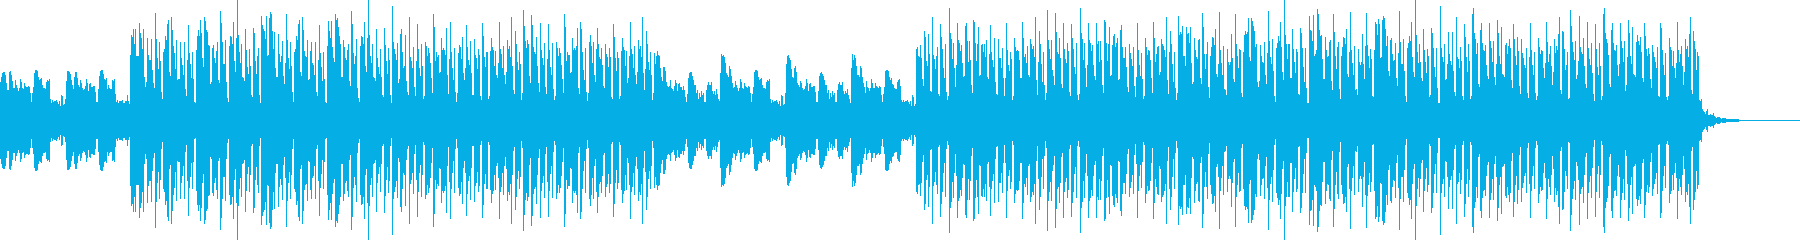 おしゃれ・空気感・EDM・透明感の再生済みの波形